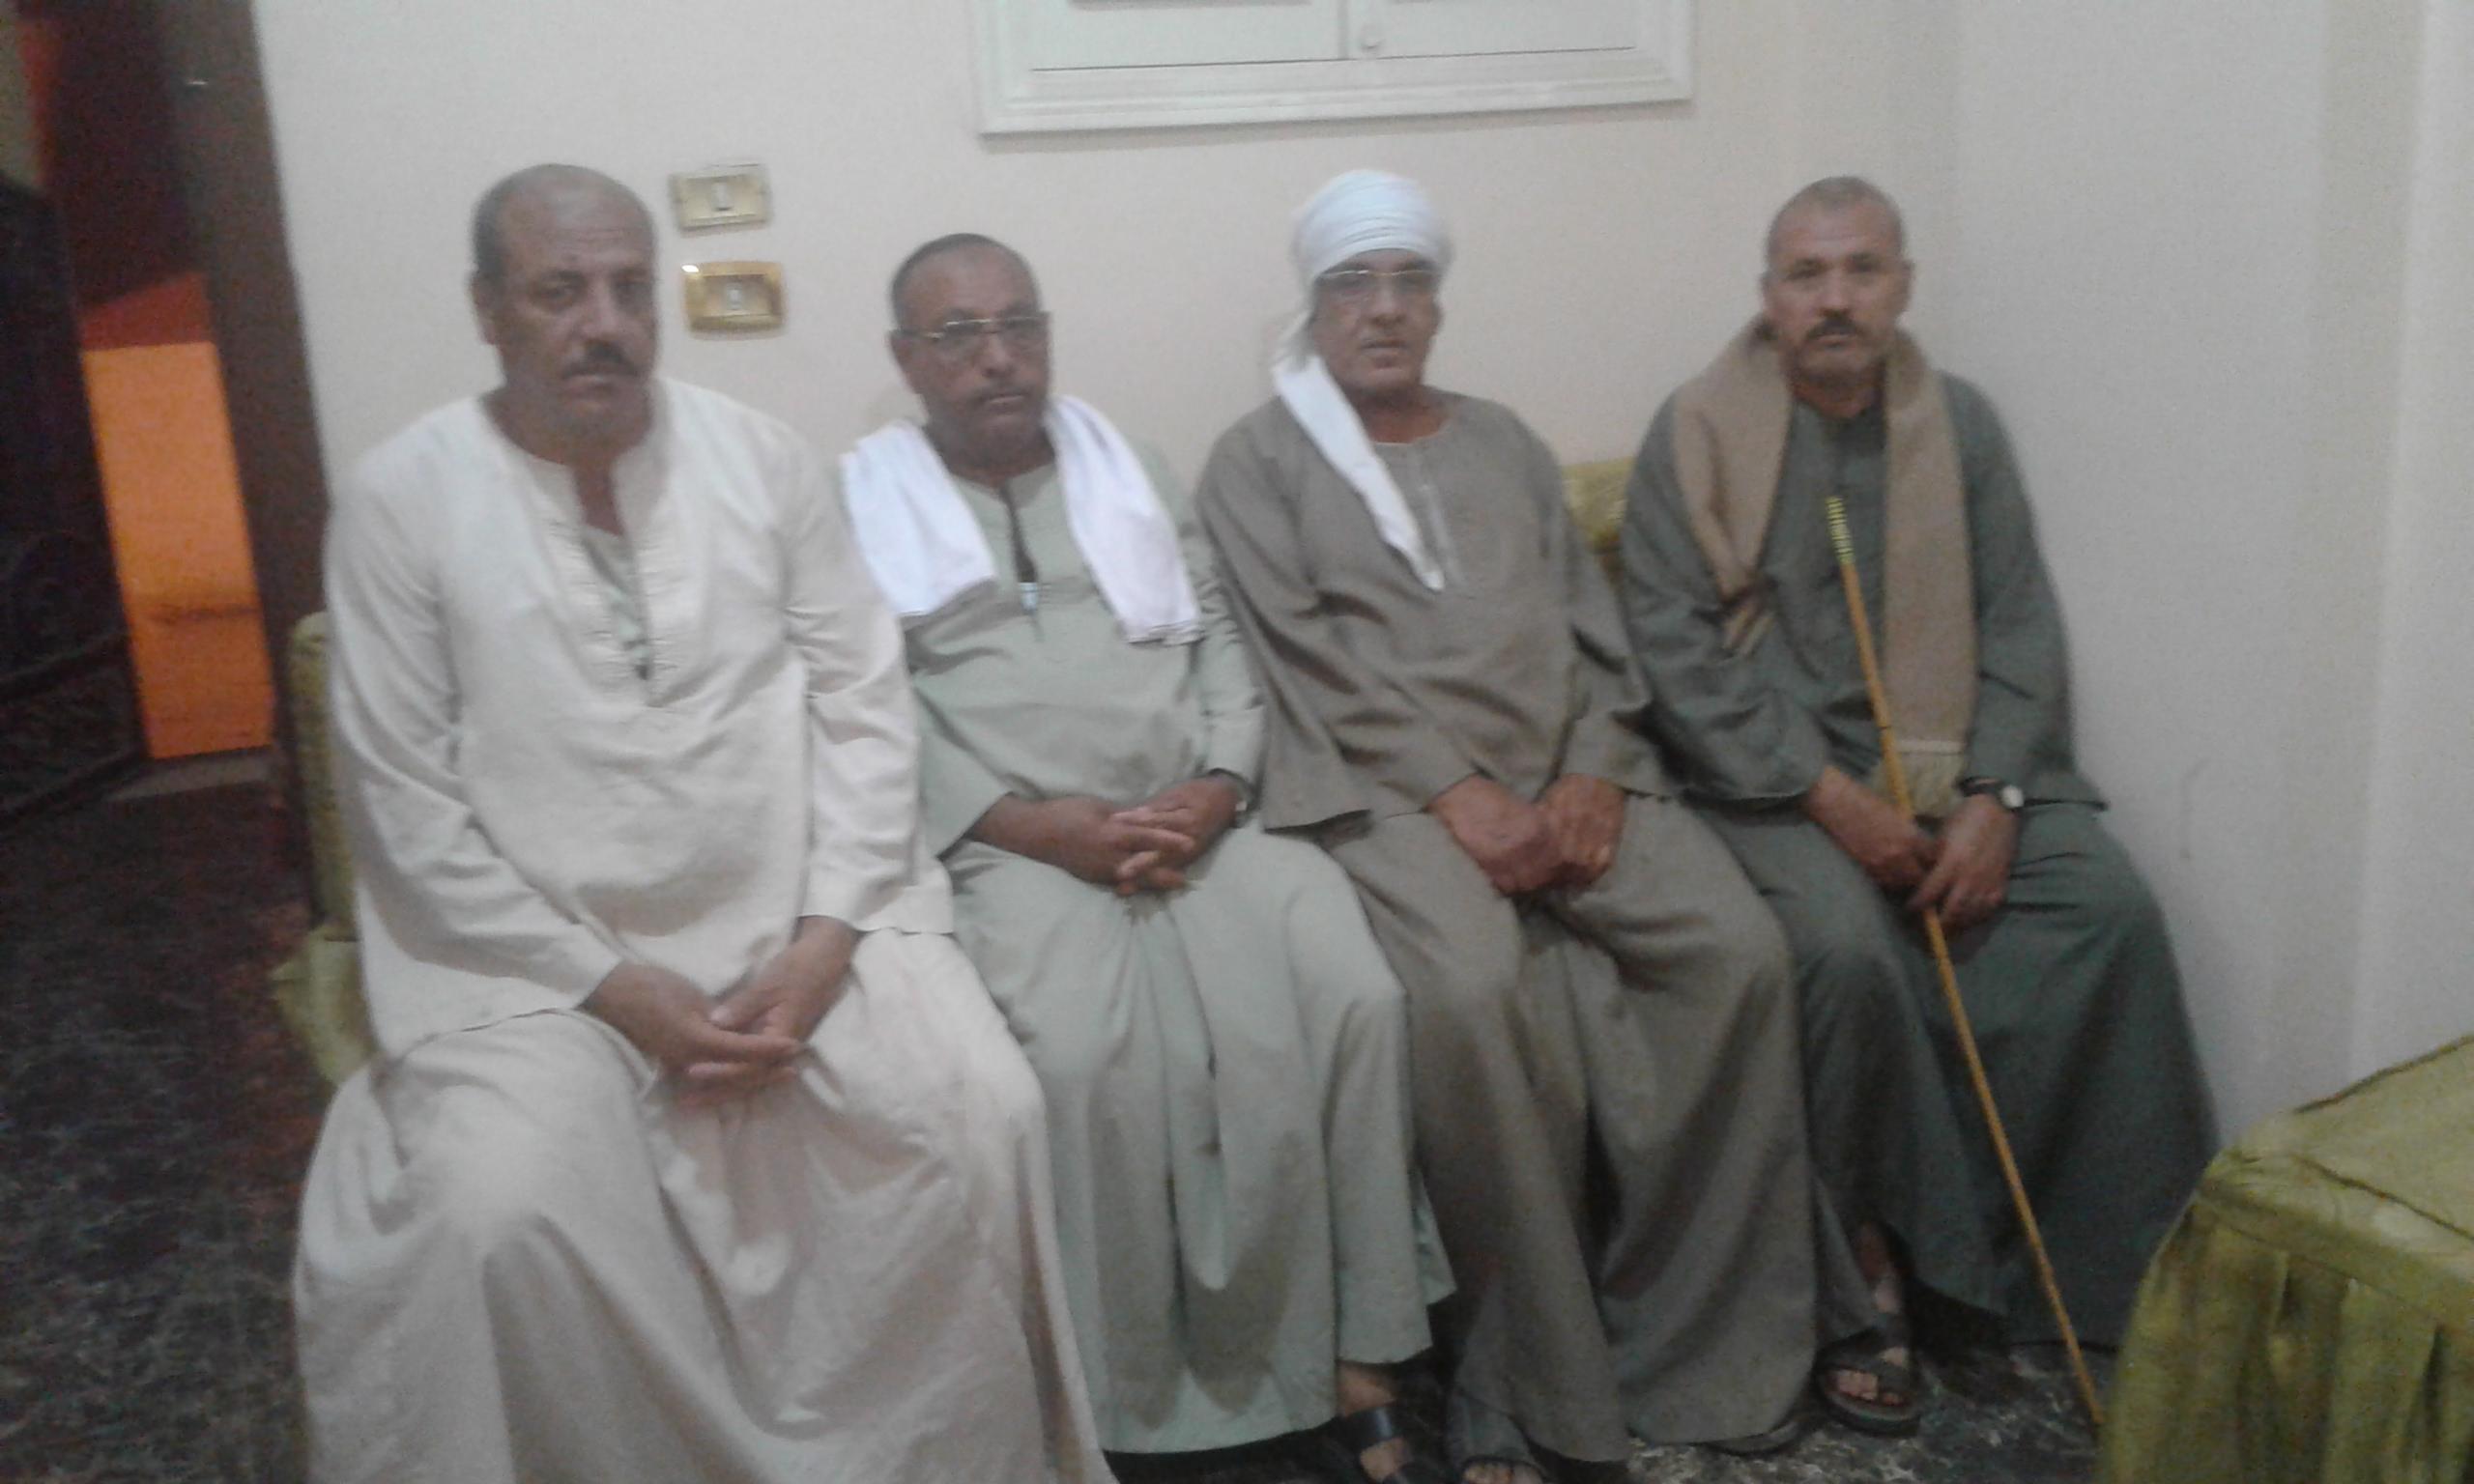 صورة 1 أهالى نجع صديق مع محرر اليوم السابع (2)